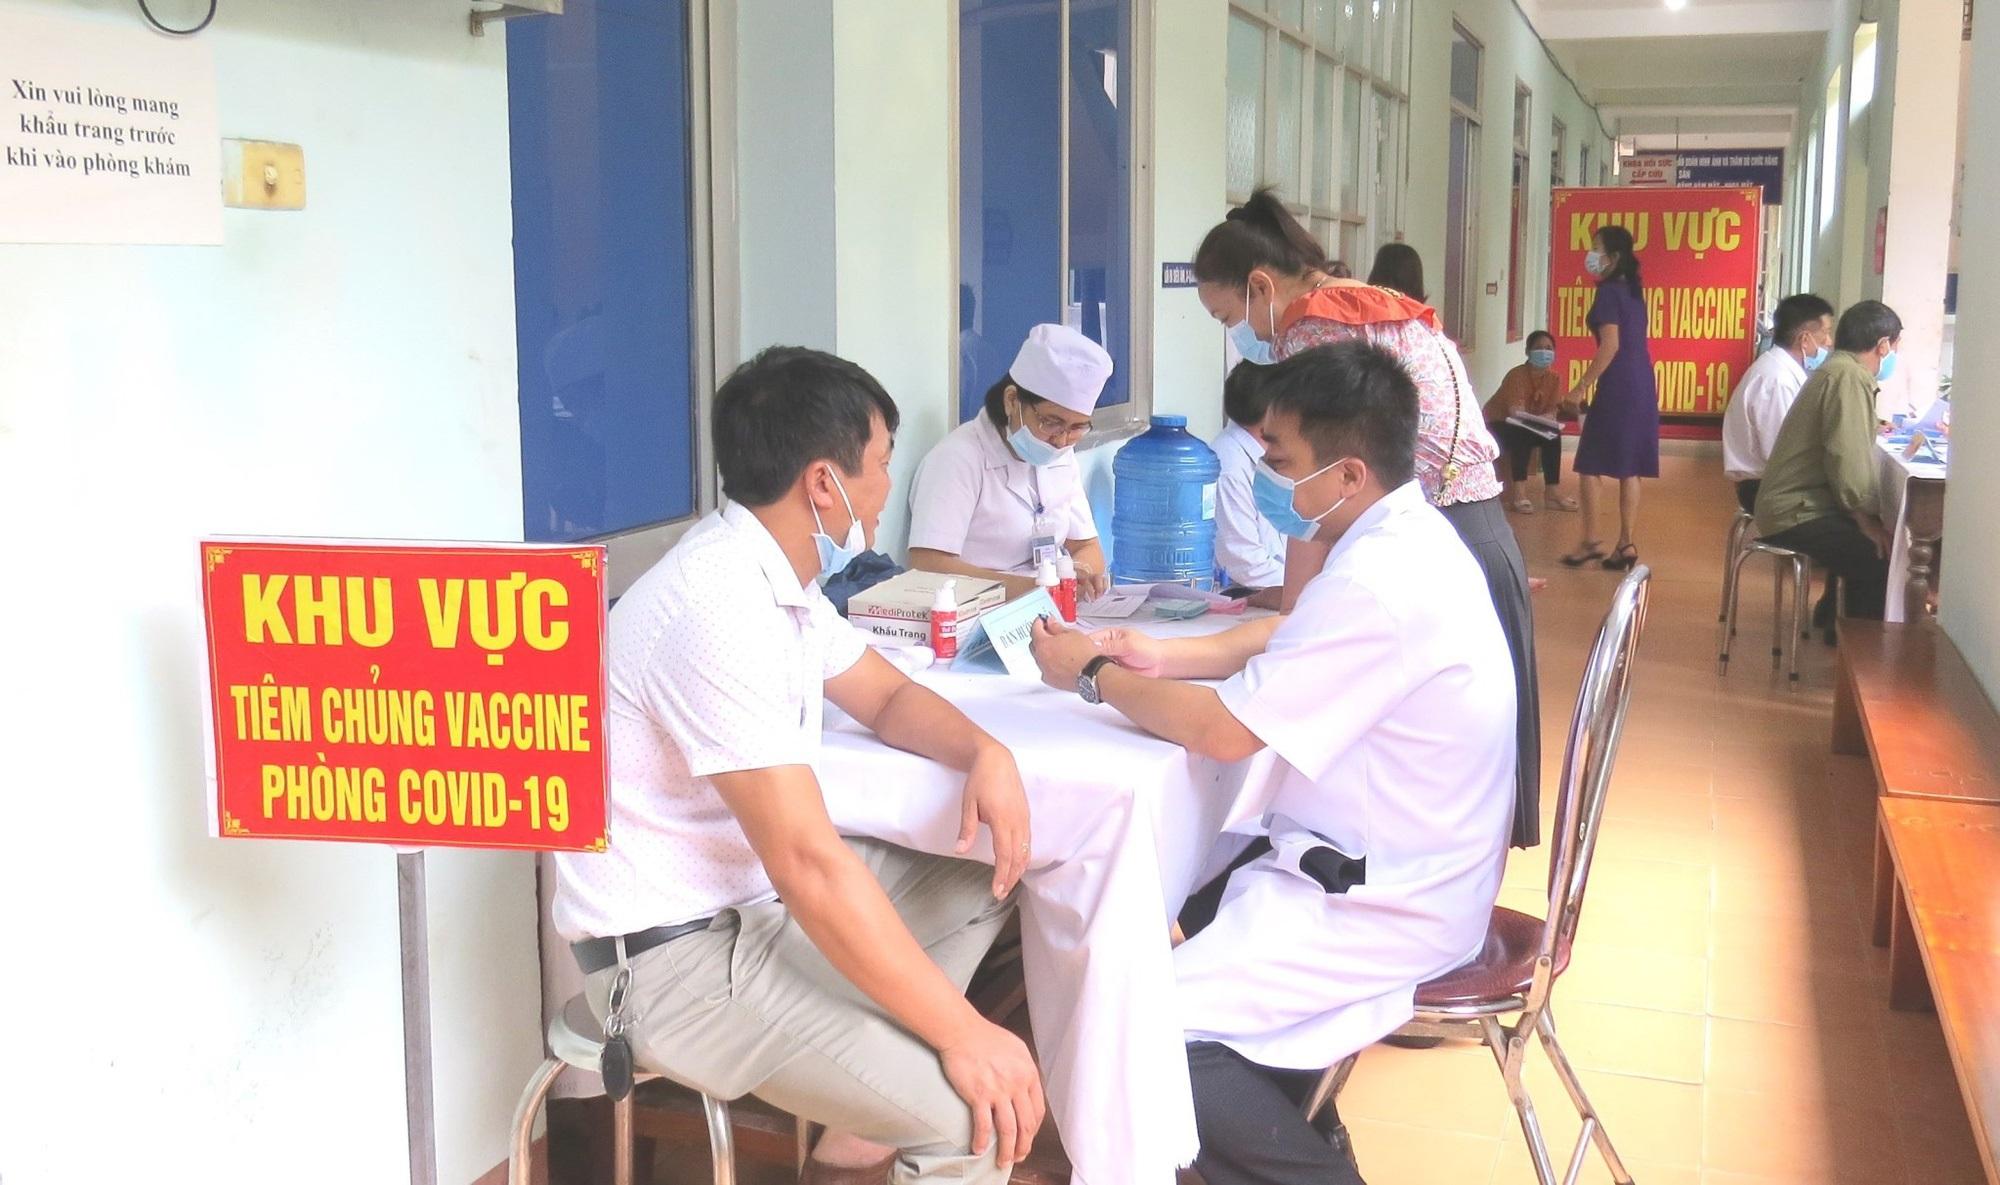 CDC Quảng Bình nói gì về nữ giáo viên tiêm 2 mũi vắc xin Covid-19 cùng lúc, muốn tiêm 4 mũi liên tục? - Ảnh 1